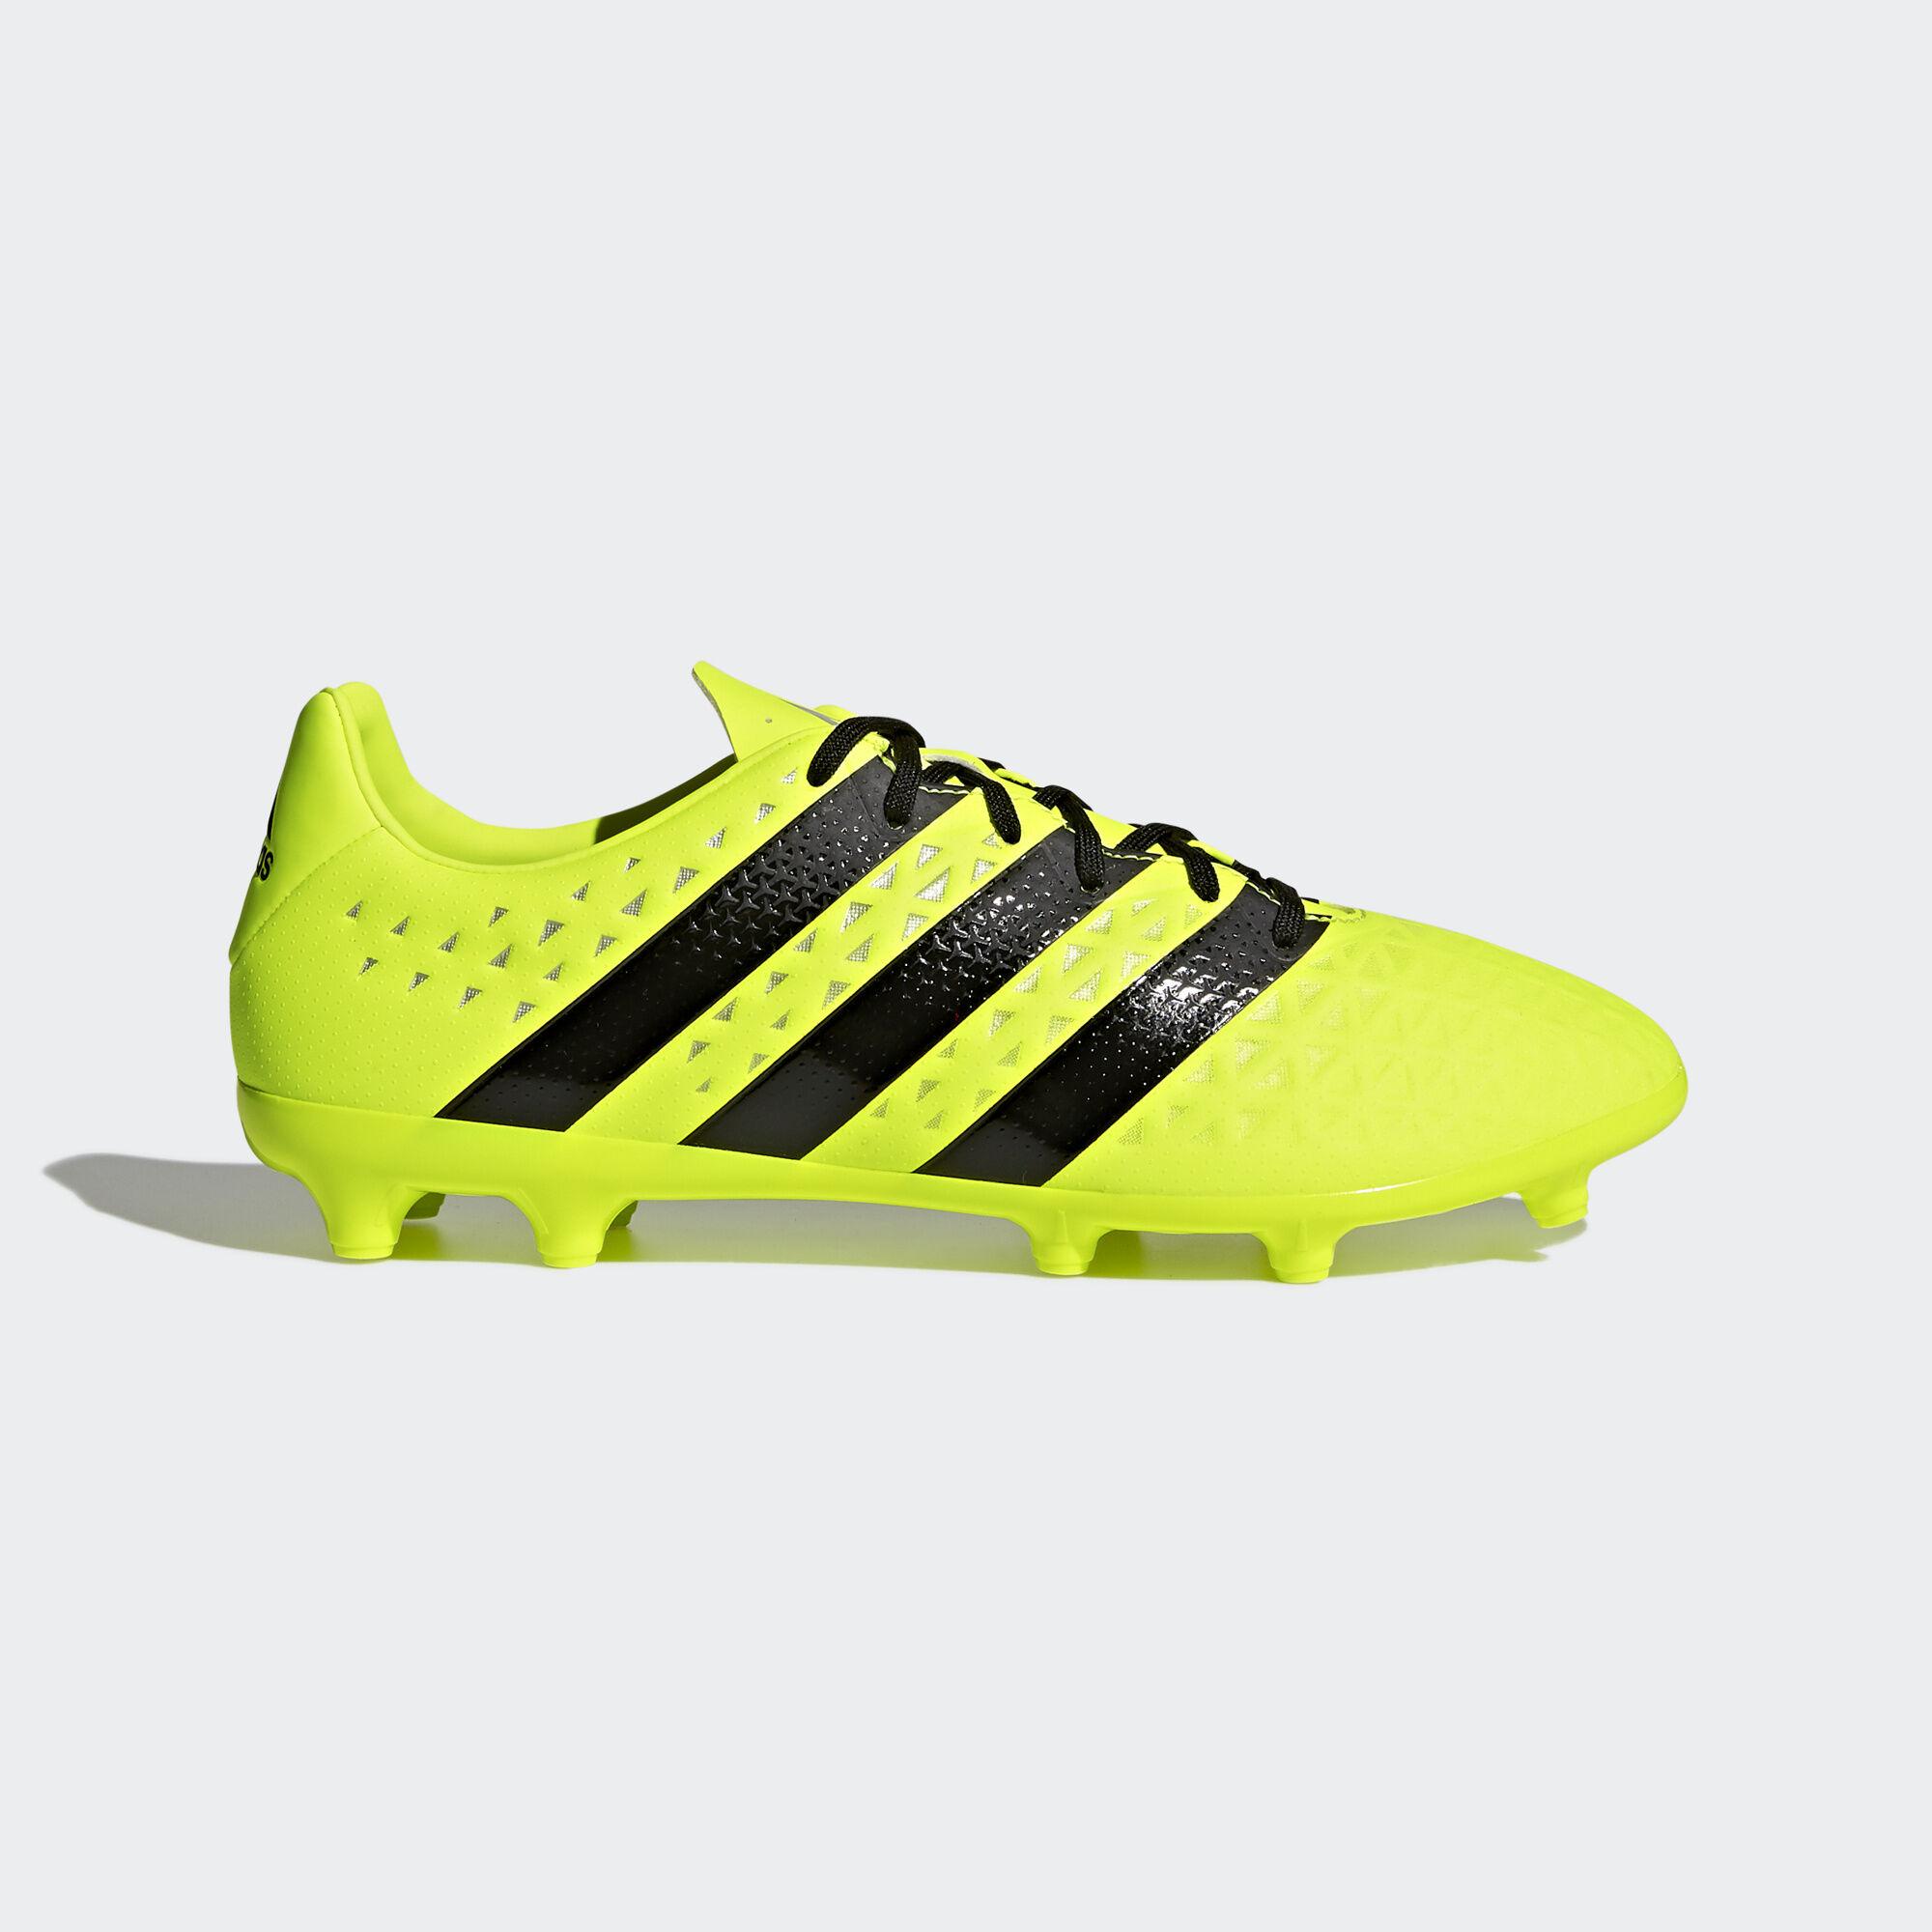 Adidas 16.3 Blancas